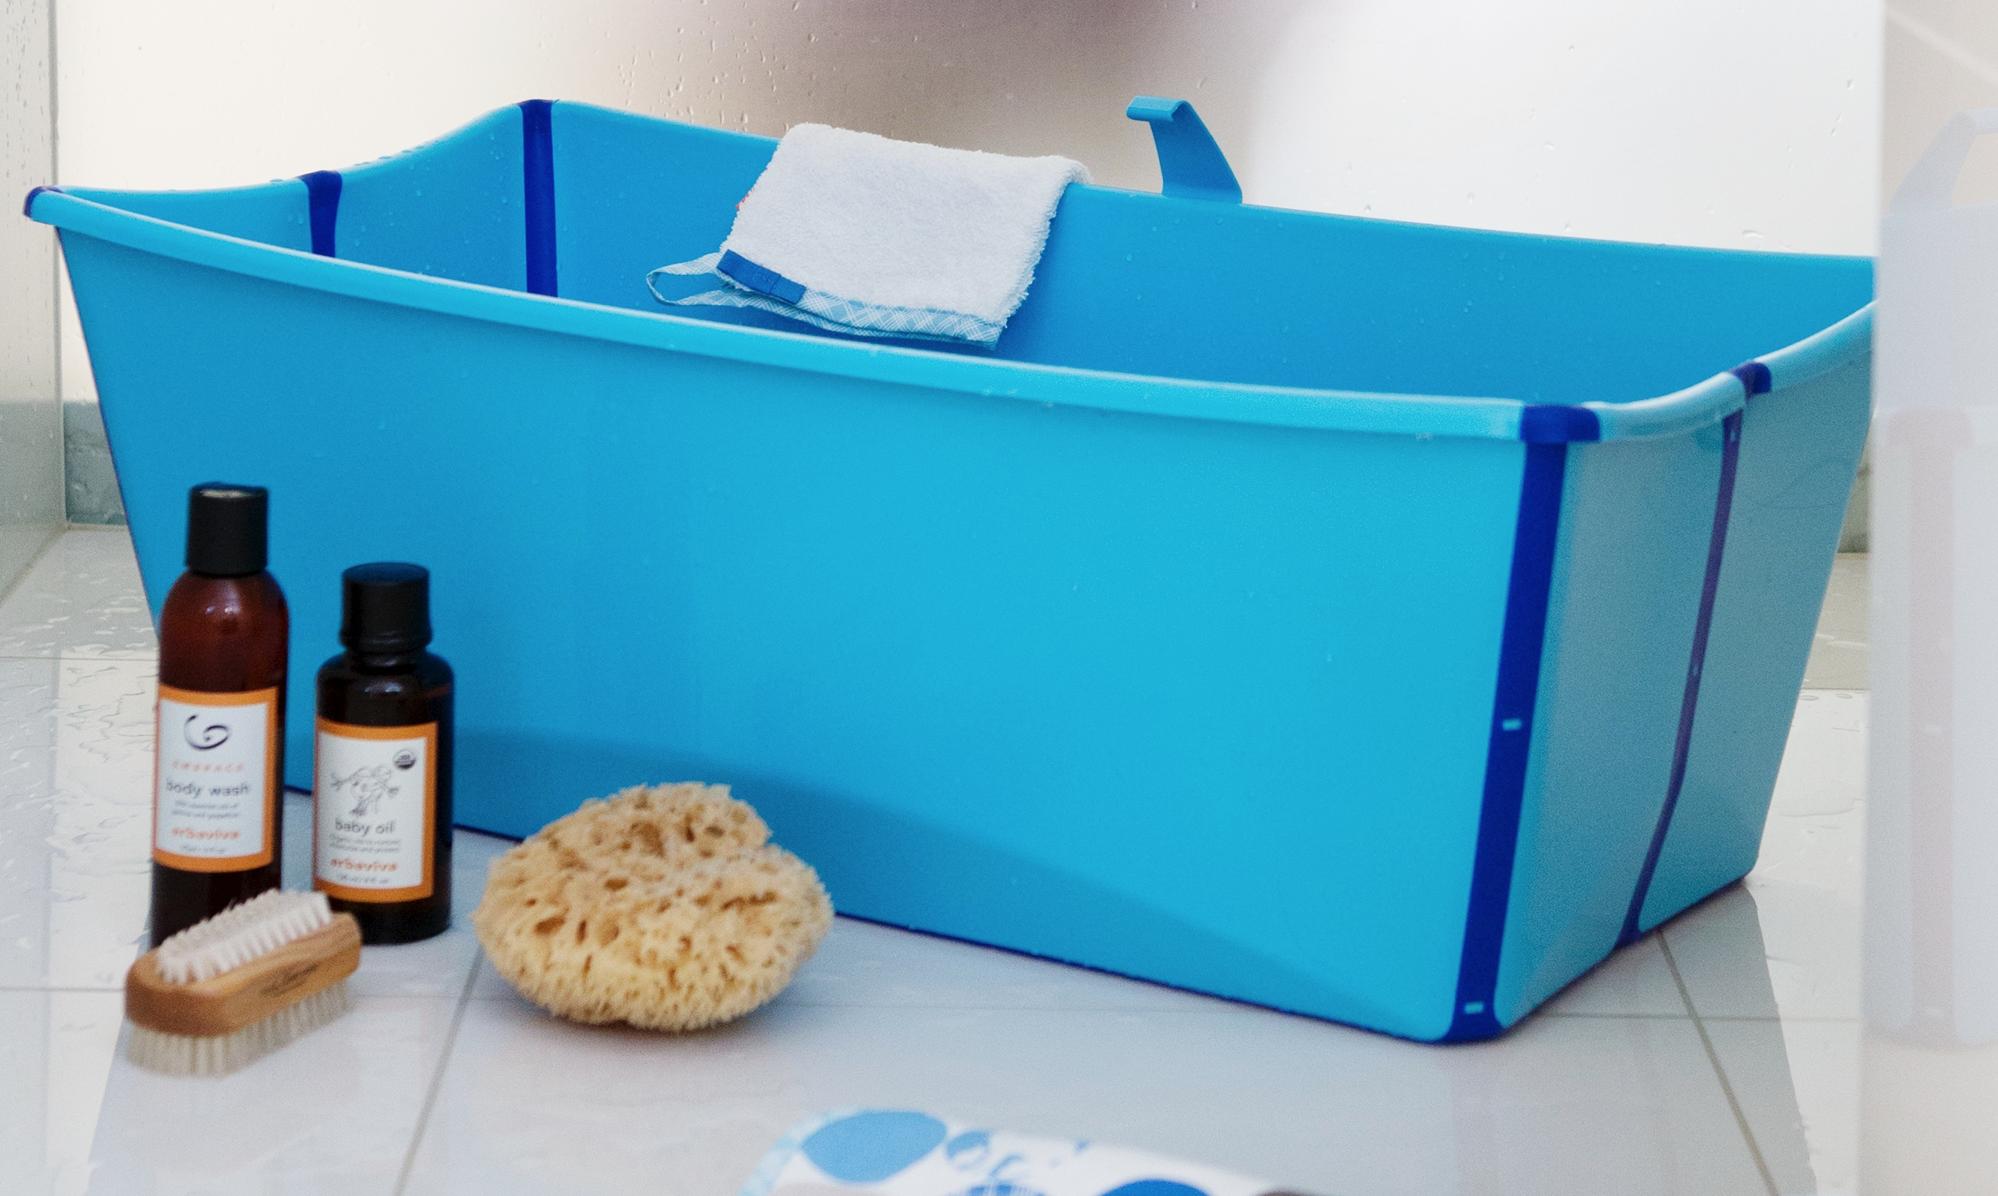 Flexibath Foldable Bathtub - Bathtub Ideas